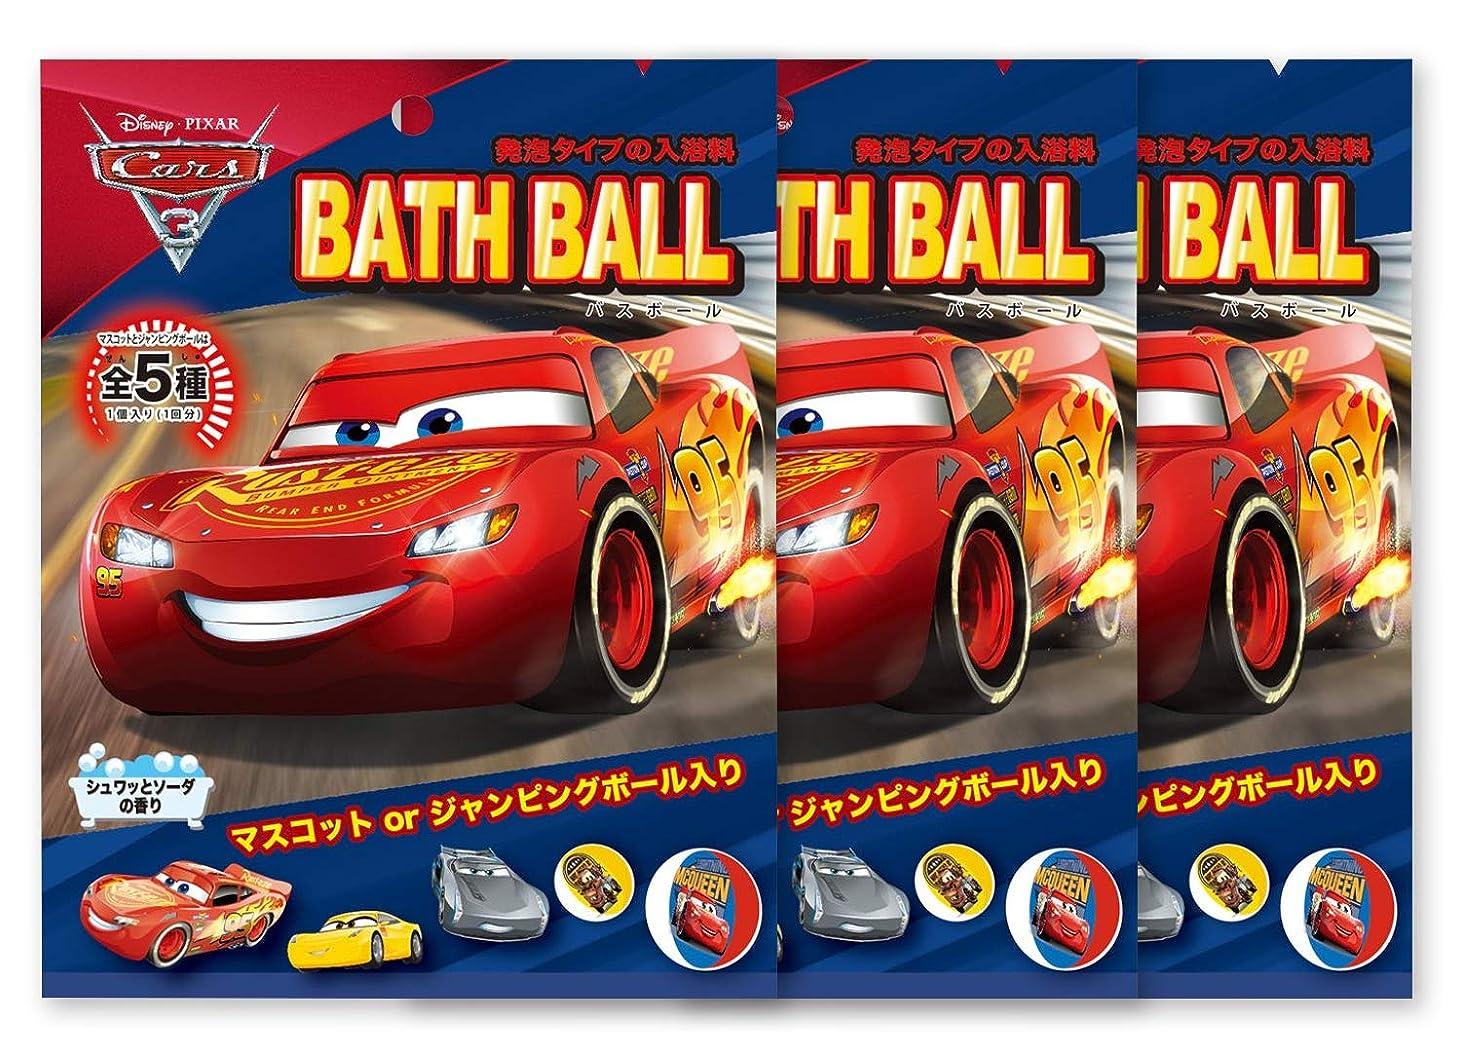 ファンネルウェブスパイダーピン魔術師ディズニー 入浴剤 カーズ3 バスボール おまけ付き ソーダの香り 60g 3個セット